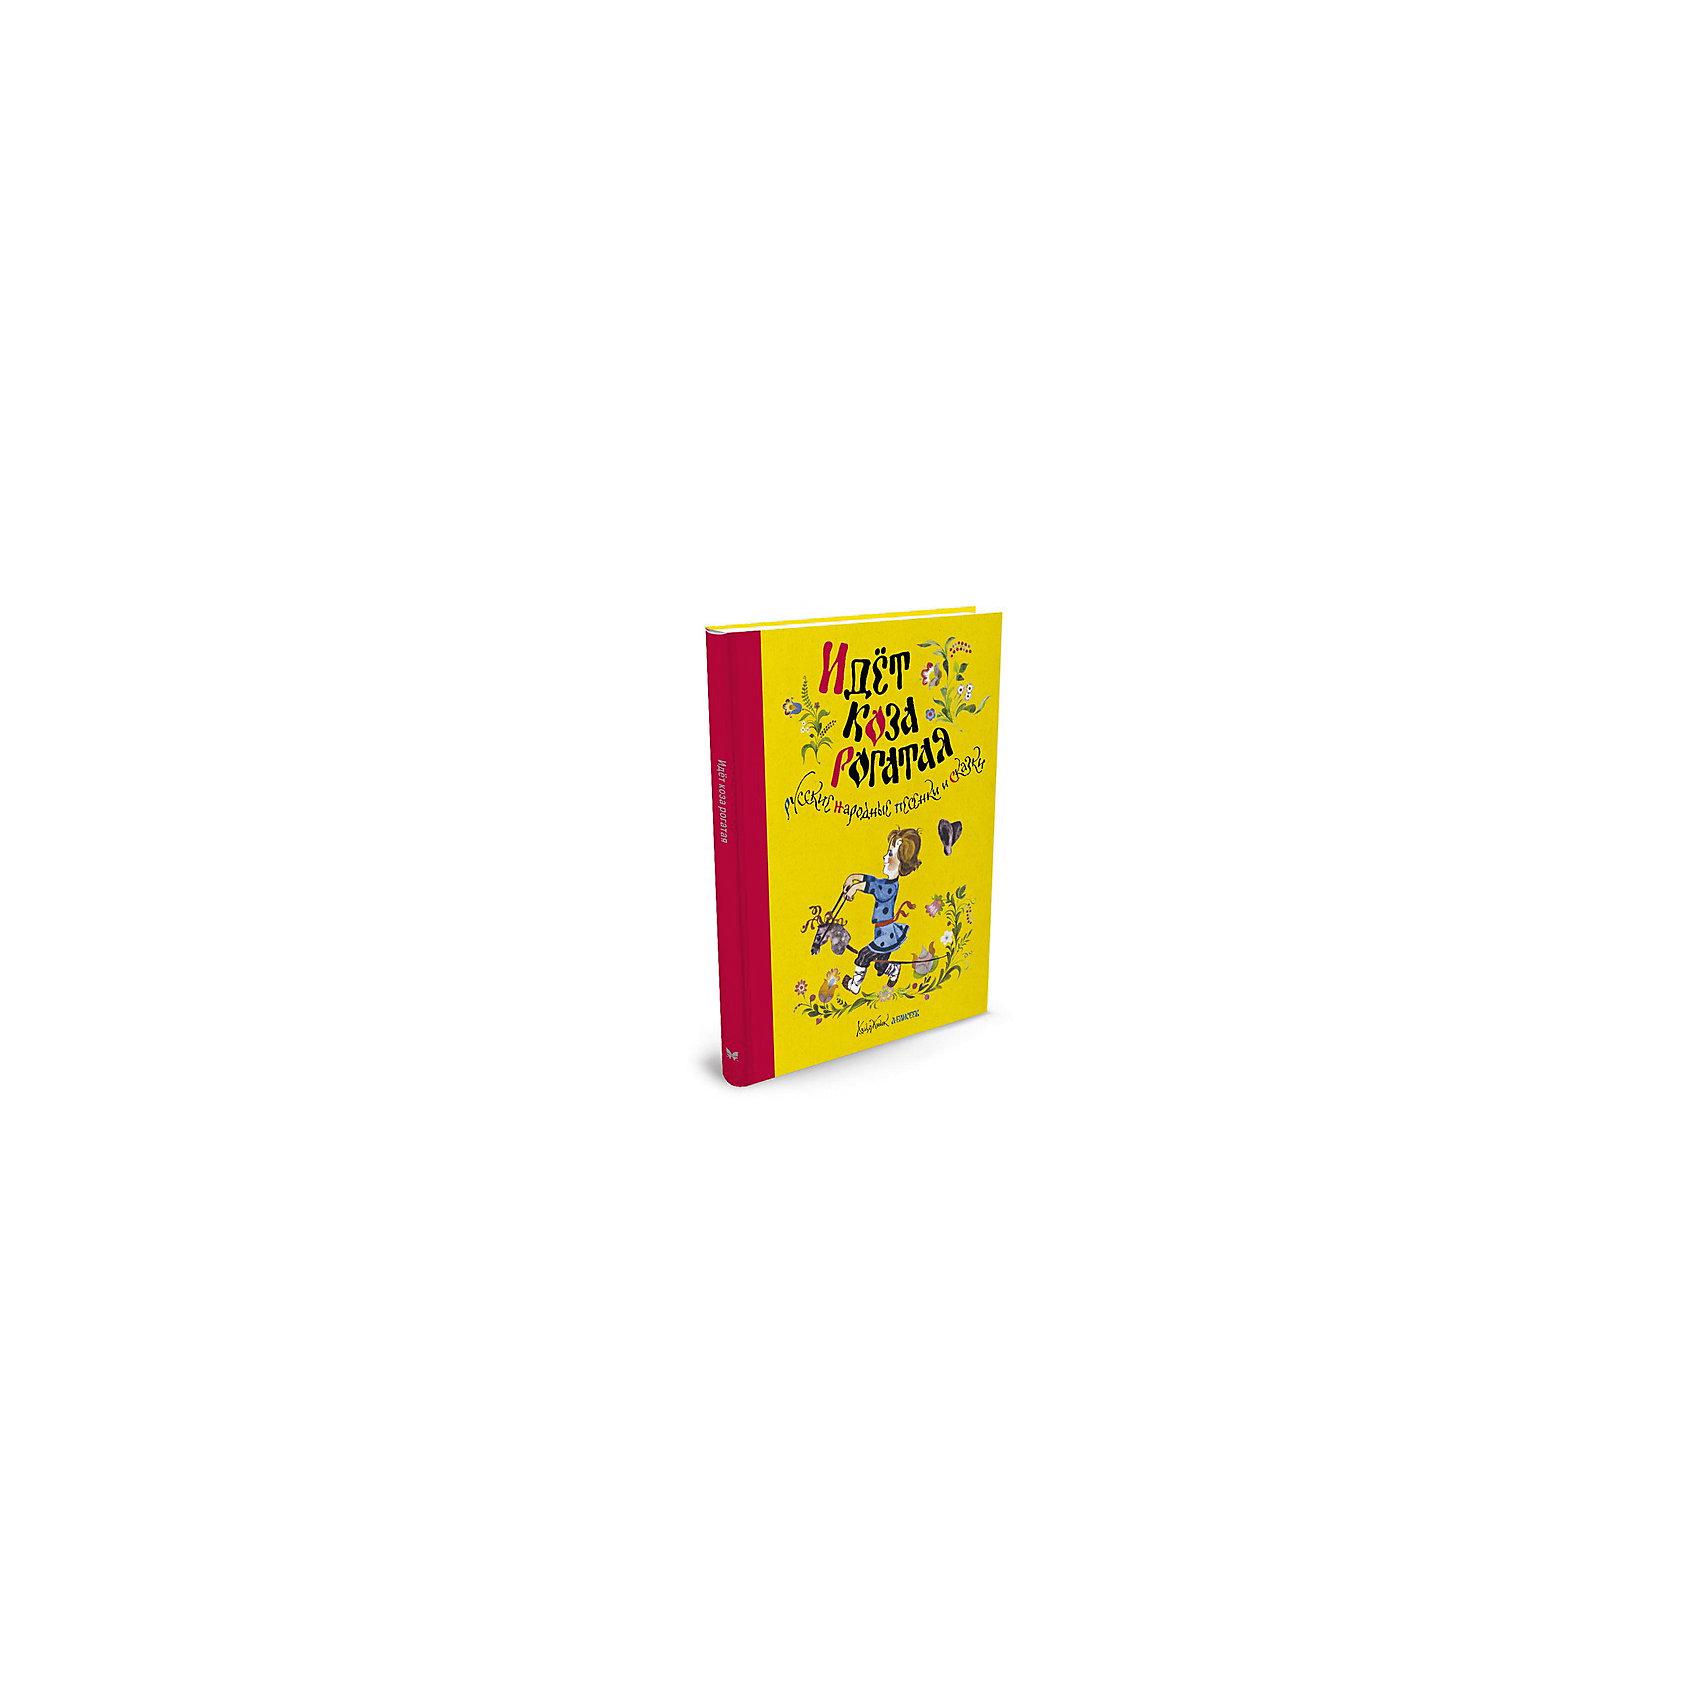 Русские народные сказки Идёт коза рогатая, MACHAONРусские сказки<br>Сказка Идёт коза рогатая.<br><br>Характеристики:<br><br>• Для детей в возрасте: от 3 до 6 лет<br>• Редактор: Н. Родионова<br>• Художник: А. М. Елисеев<br>• Издательство: Азбука-Аттикус, Махаон, 2017 год<br>• Тип обложки: 7Б - твердая (плотная бумага или картон)<br>• Оформление: с тканевым корешком<br>• Иллюстрации: цветные<br>• Количество страниц: 40<br>• Размер: 262х193х9 мм.<br>• Вес: 343 гр.<br>• ISBN: 9785389124448<br><br>«Курочка ряба», «Репка», «Колобок», «Теремок». Эти русские народные сказки всем знакомы с самого раннего детства. А песенки-потешки «Петушок, петушок, золотой гребешок...», «Сорока, сорока, сорока-белобока...», «Ладушки, ладушки...» заучивались малышами наизусть. В книгу «Идёт коза рогатая» вошли ещё и многие другие известные произведения русского фольклора. А иллюстрации к ним нарисовал заслуженный художник РСФСР, народный художник Российской Федерации Анатолий Елисеев, с большим мастерством, выдумкой и юмором создавший образы, которые уже давно стали классическими в книжной иллюстрации.<br><br>Книгу Сказка Идёт коза рогатая можно купить в нашем интернет-магазине.<br><br>Ширина мм: 262<br>Глубина мм: 193<br>Высота мм: 90<br>Вес г: 343<br>Возраст от месяцев: 36<br>Возраст до месяцев: 72<br>Пол: Унисекс<br>Возраст: Детский<br>SKU: 5493433